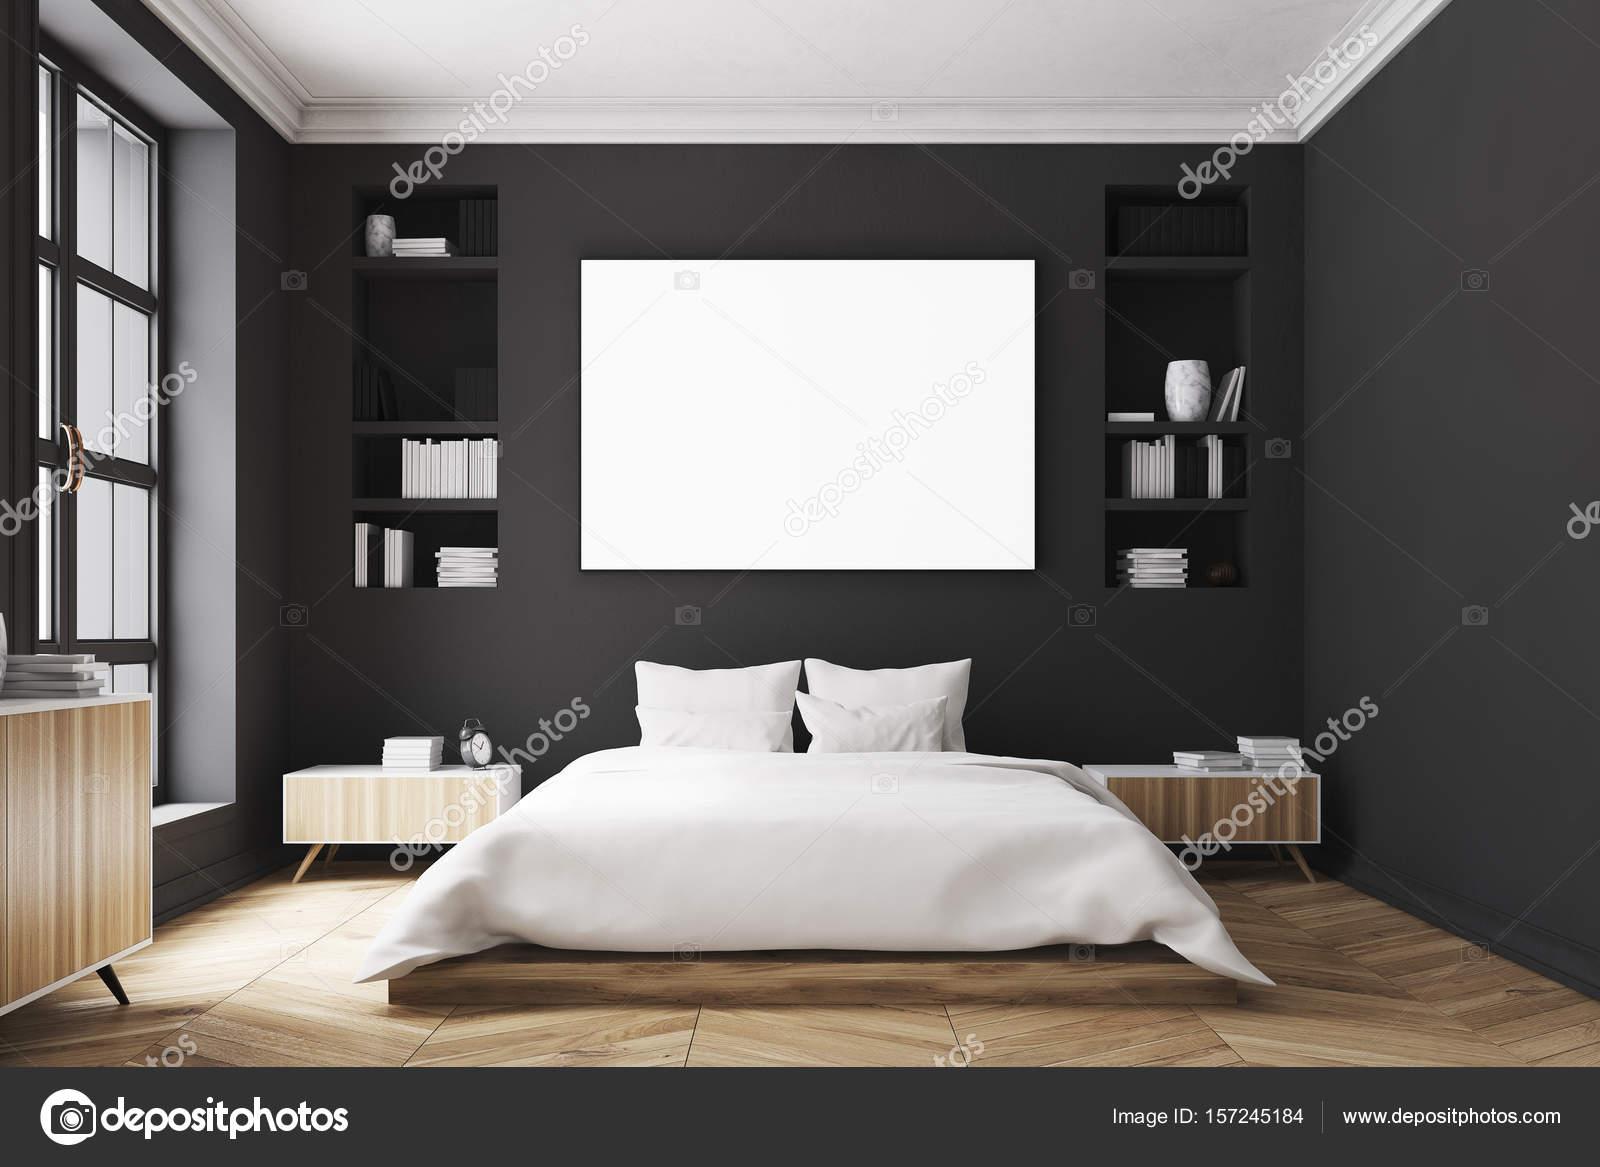 https://st3.depositphotos.com/2673929/15724/i/1600/depositphotos_157245184-stockafbeelding-slaapkamer-interieur-poster-vooraan-zwart.jpg